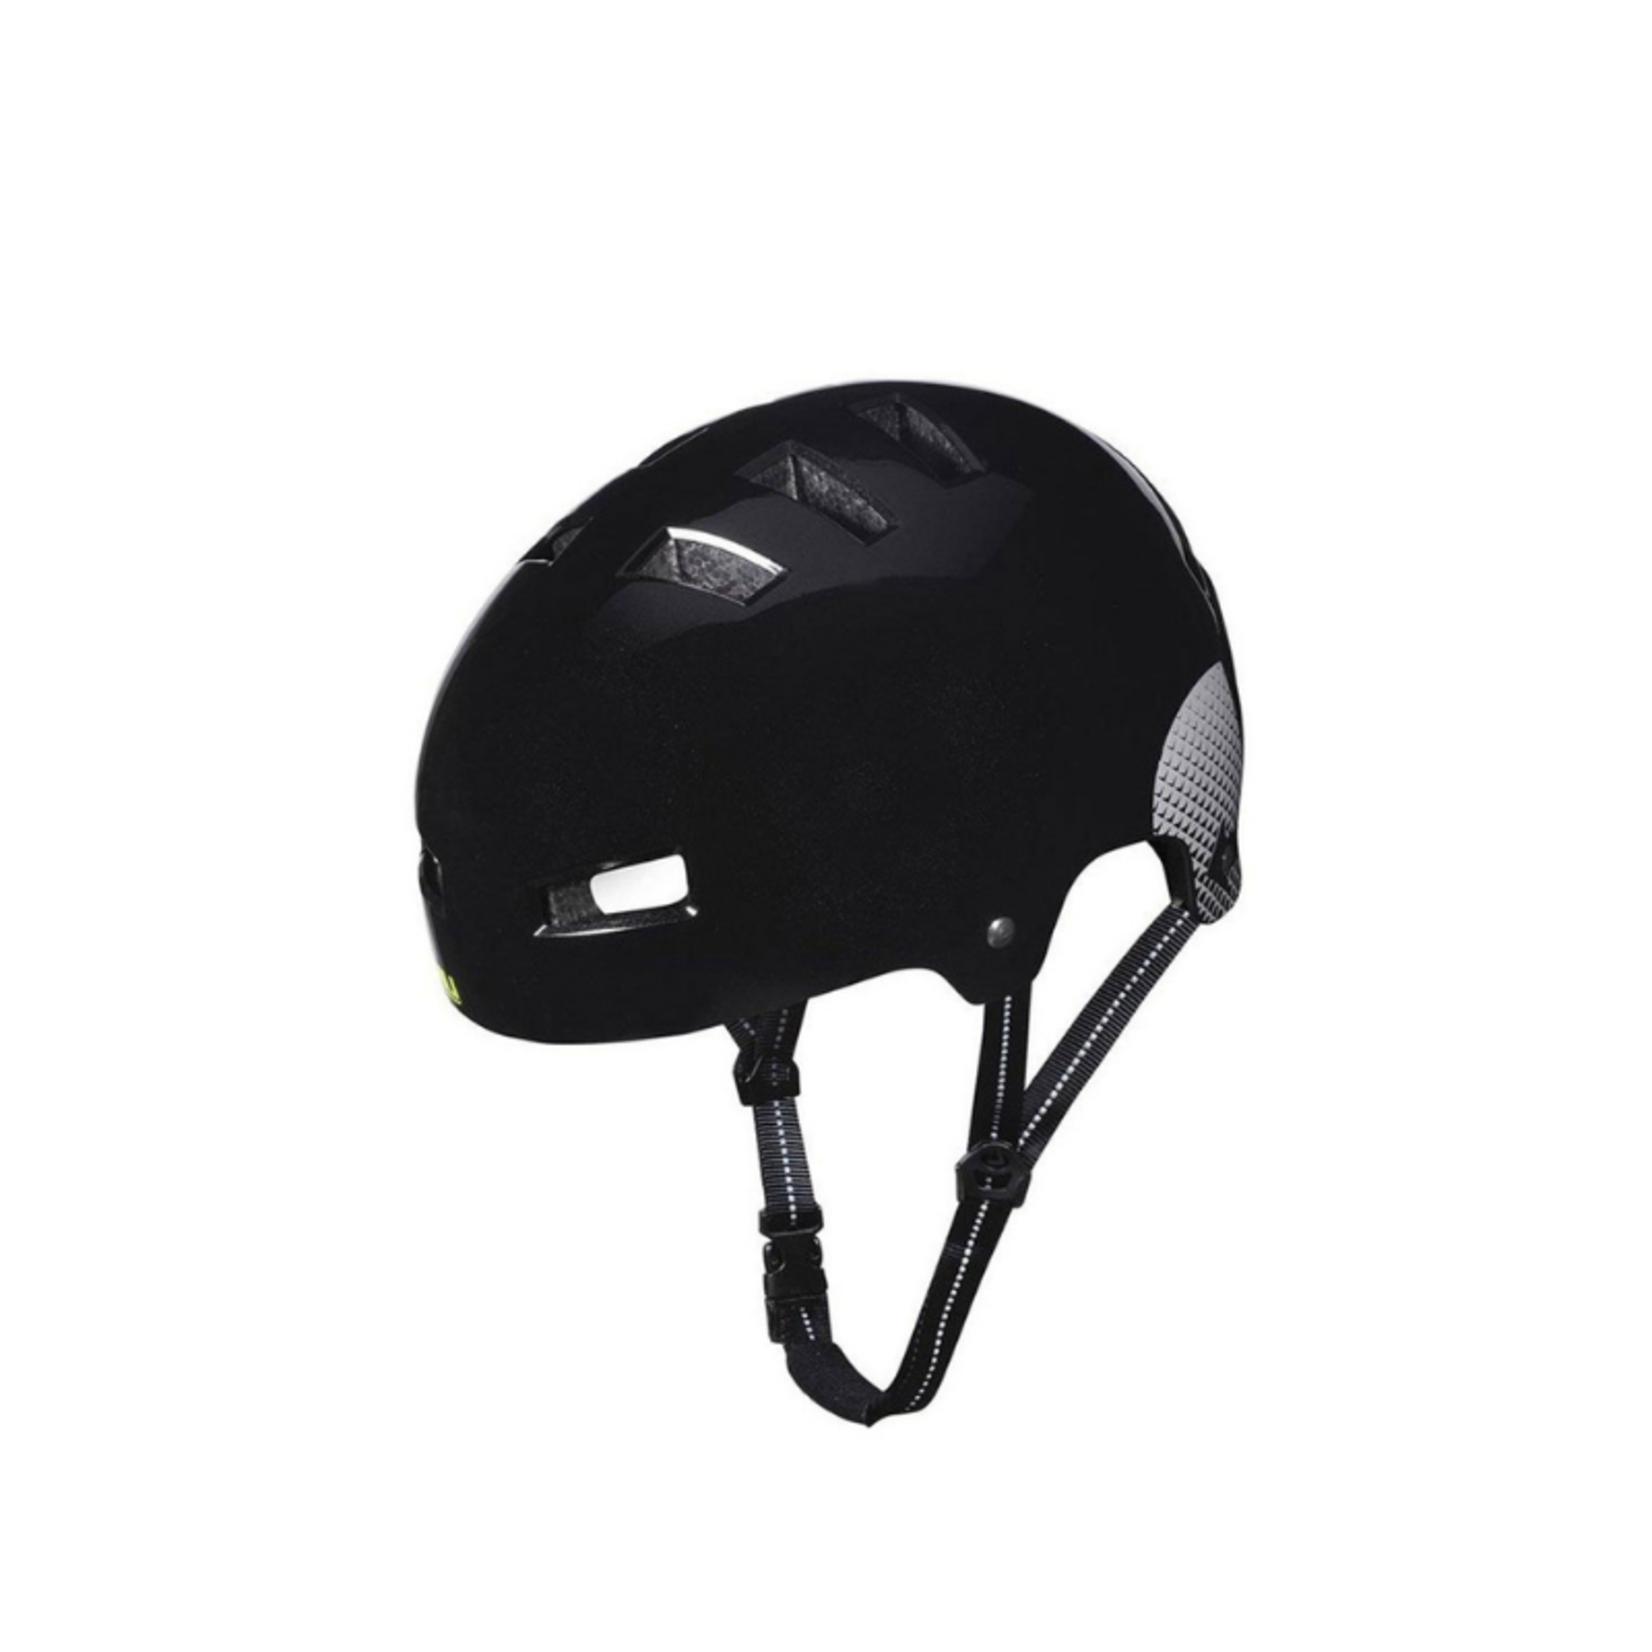 Limar 360 Helmet Matt Black M